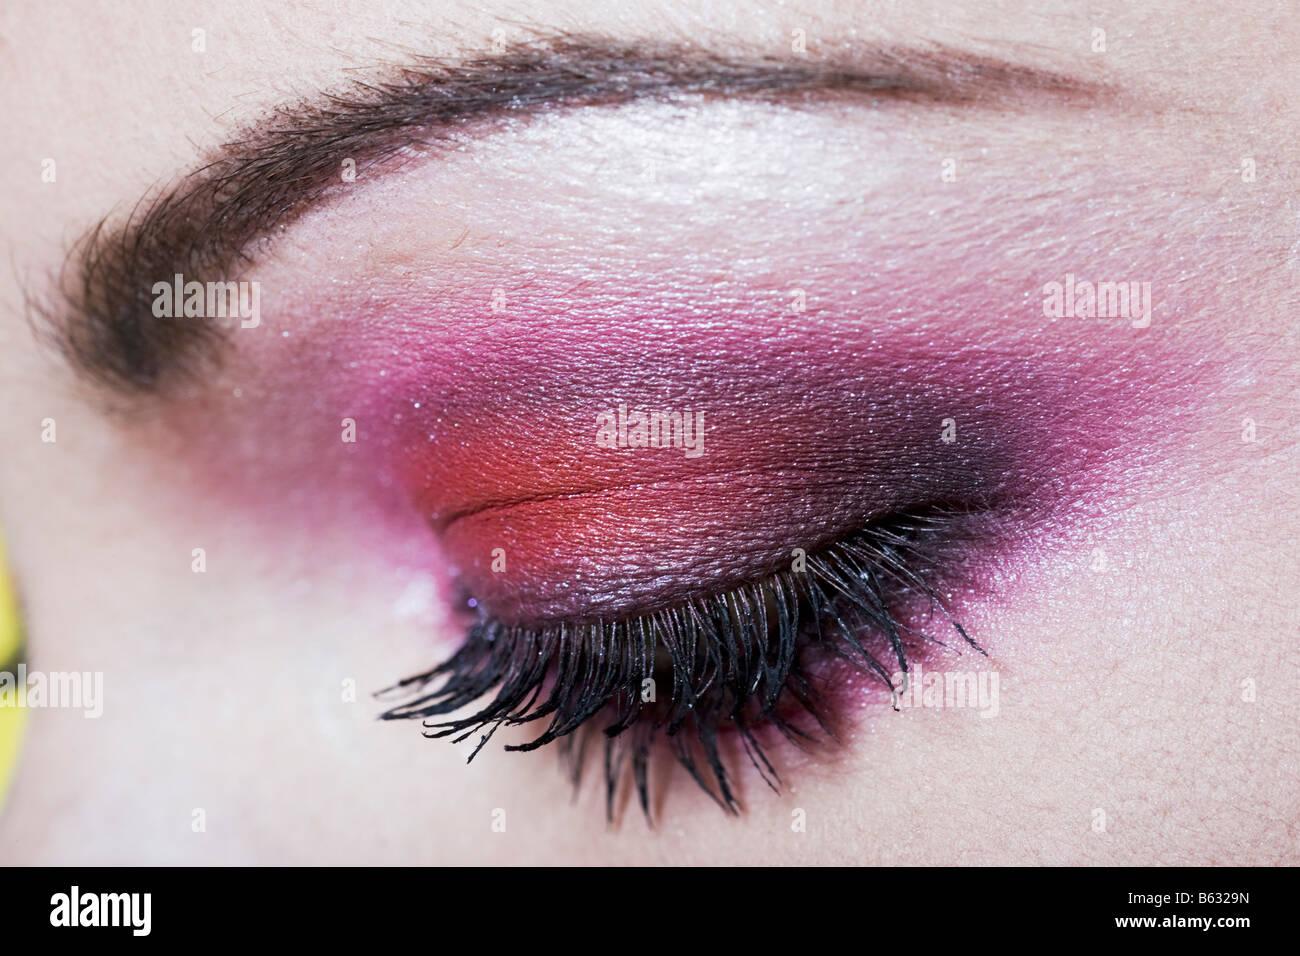 Kaukasische Frau Augen Make Up Mit Rosa Lidschatten Stockfoto Bild